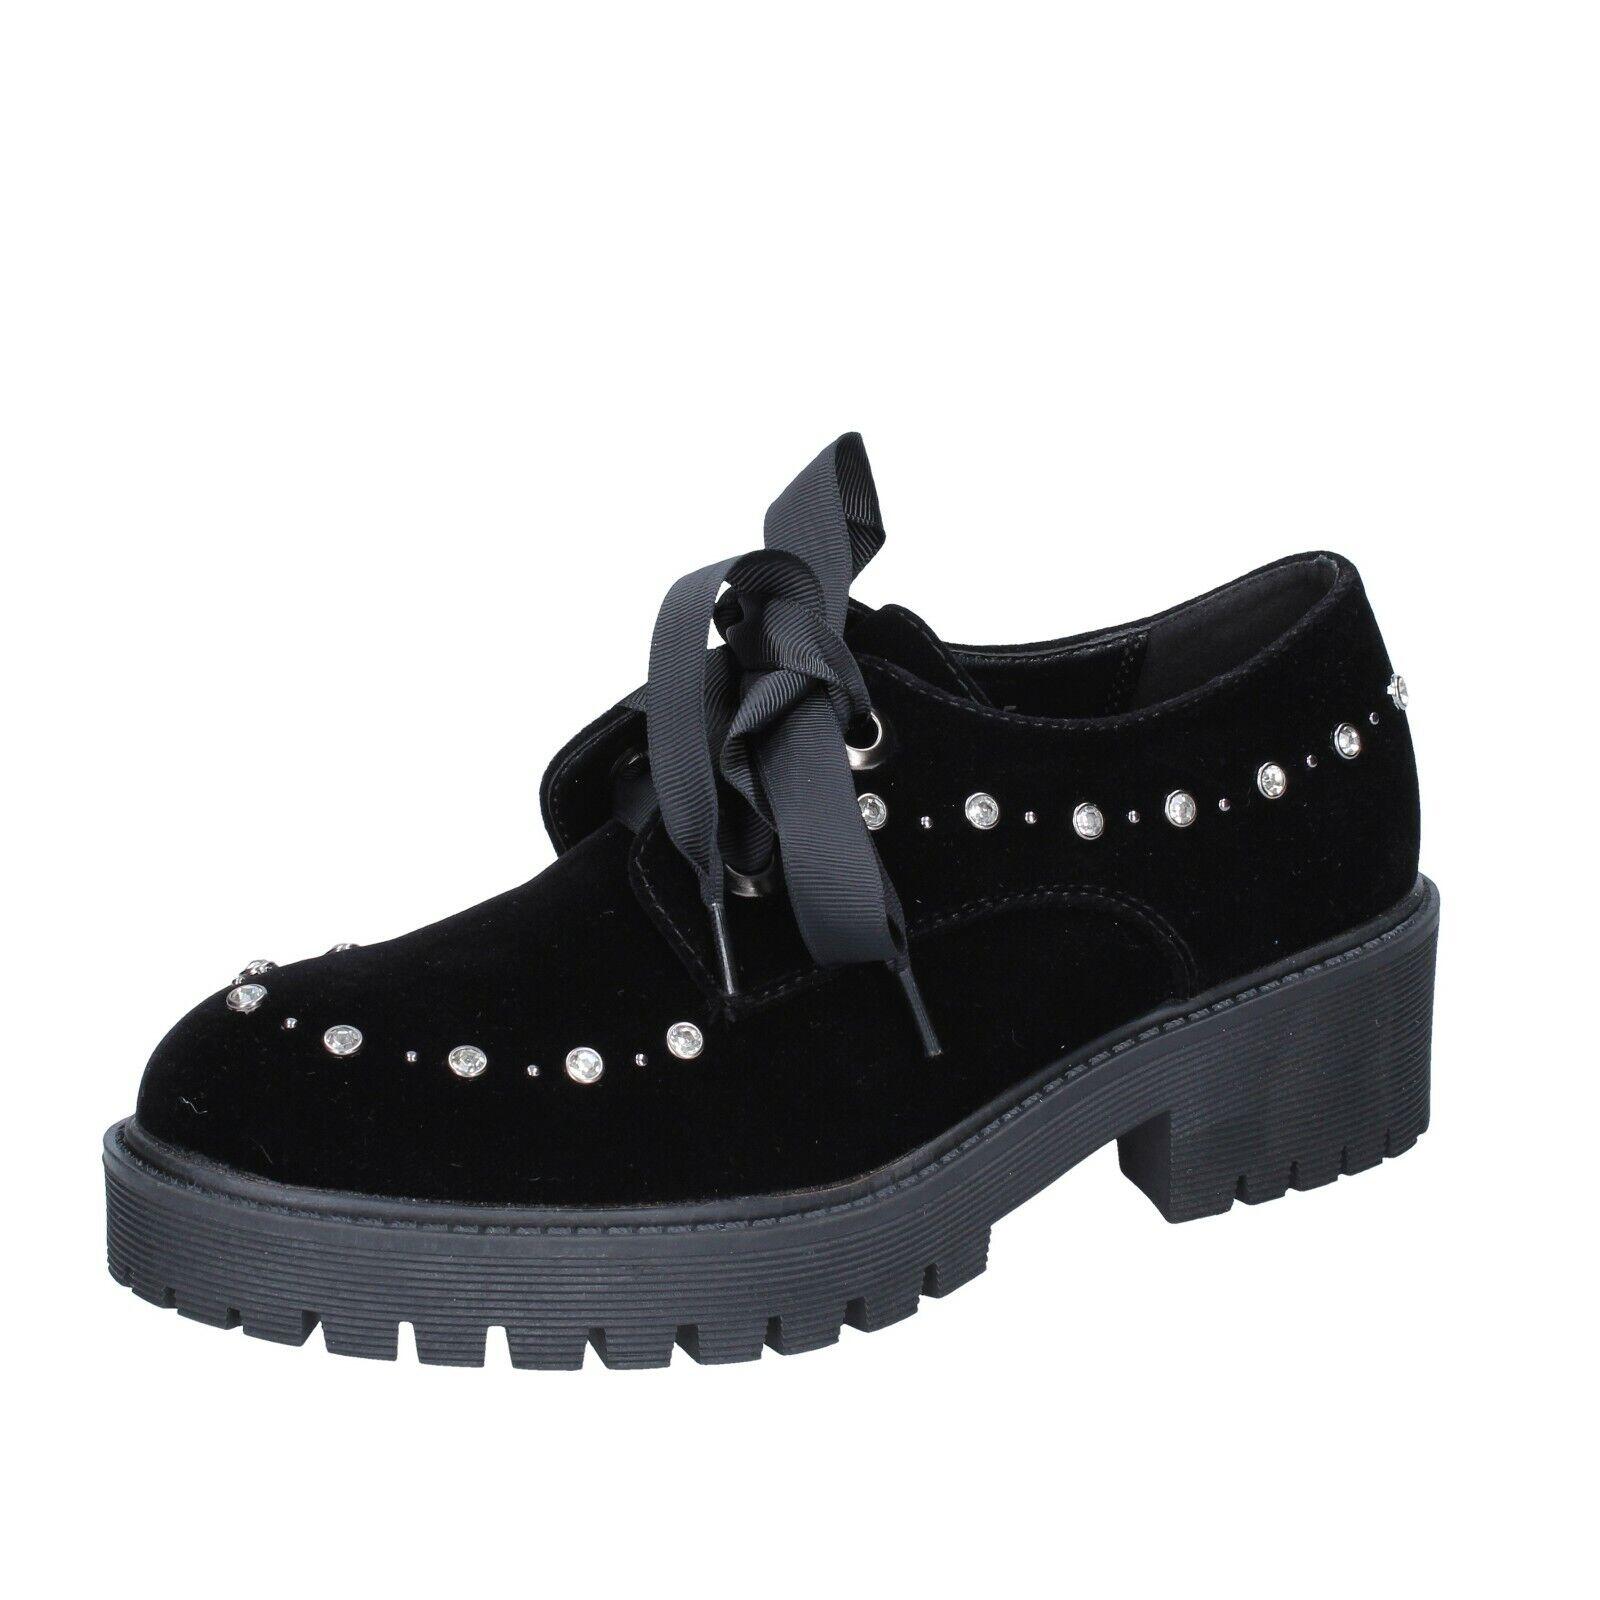 Femme chaussures Laura Biagiotti 4 (UE 37) élégant velours noir BS953-37